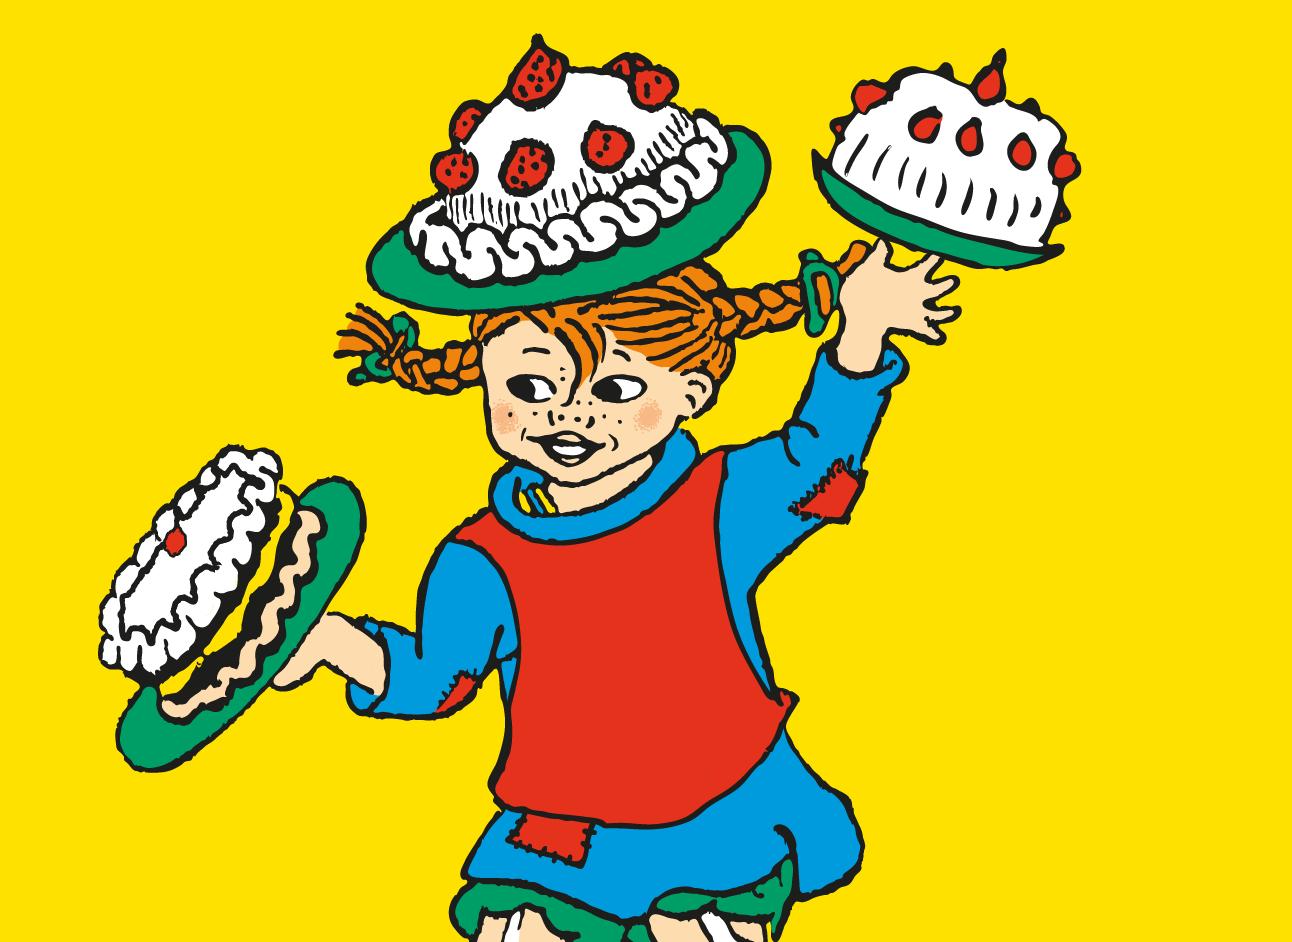 Visuel de Fifi Brindacier tenant deux gâteaux et en balançant un sur la tête.